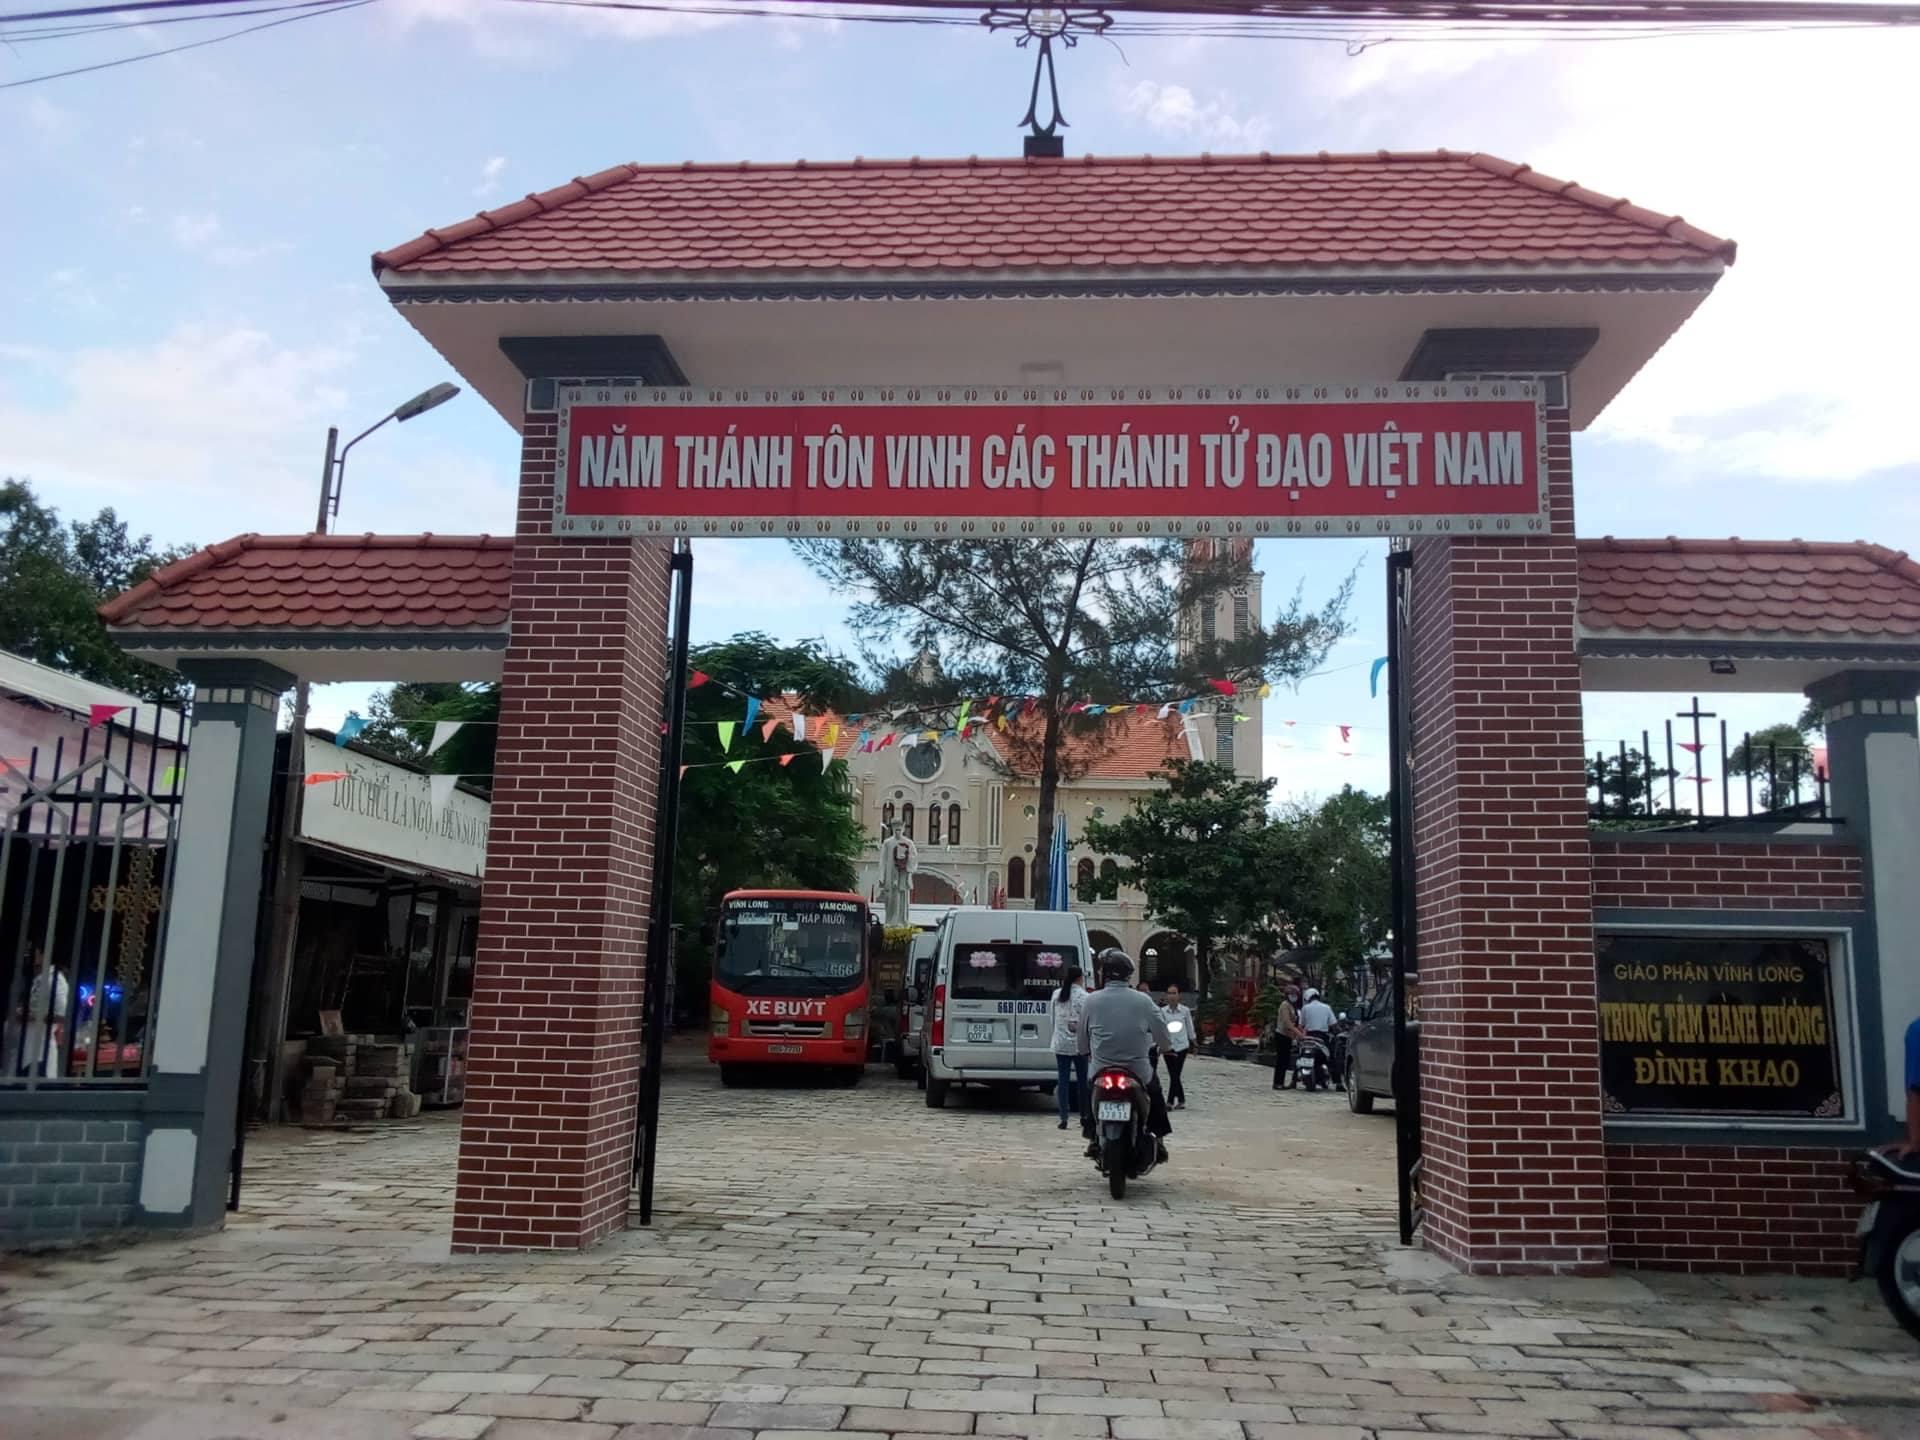 Giáo phận Vĩnh Long : Đêm trước ngày khai mạc Năm Thánh kính các Thánh tử đạo Việt Nam